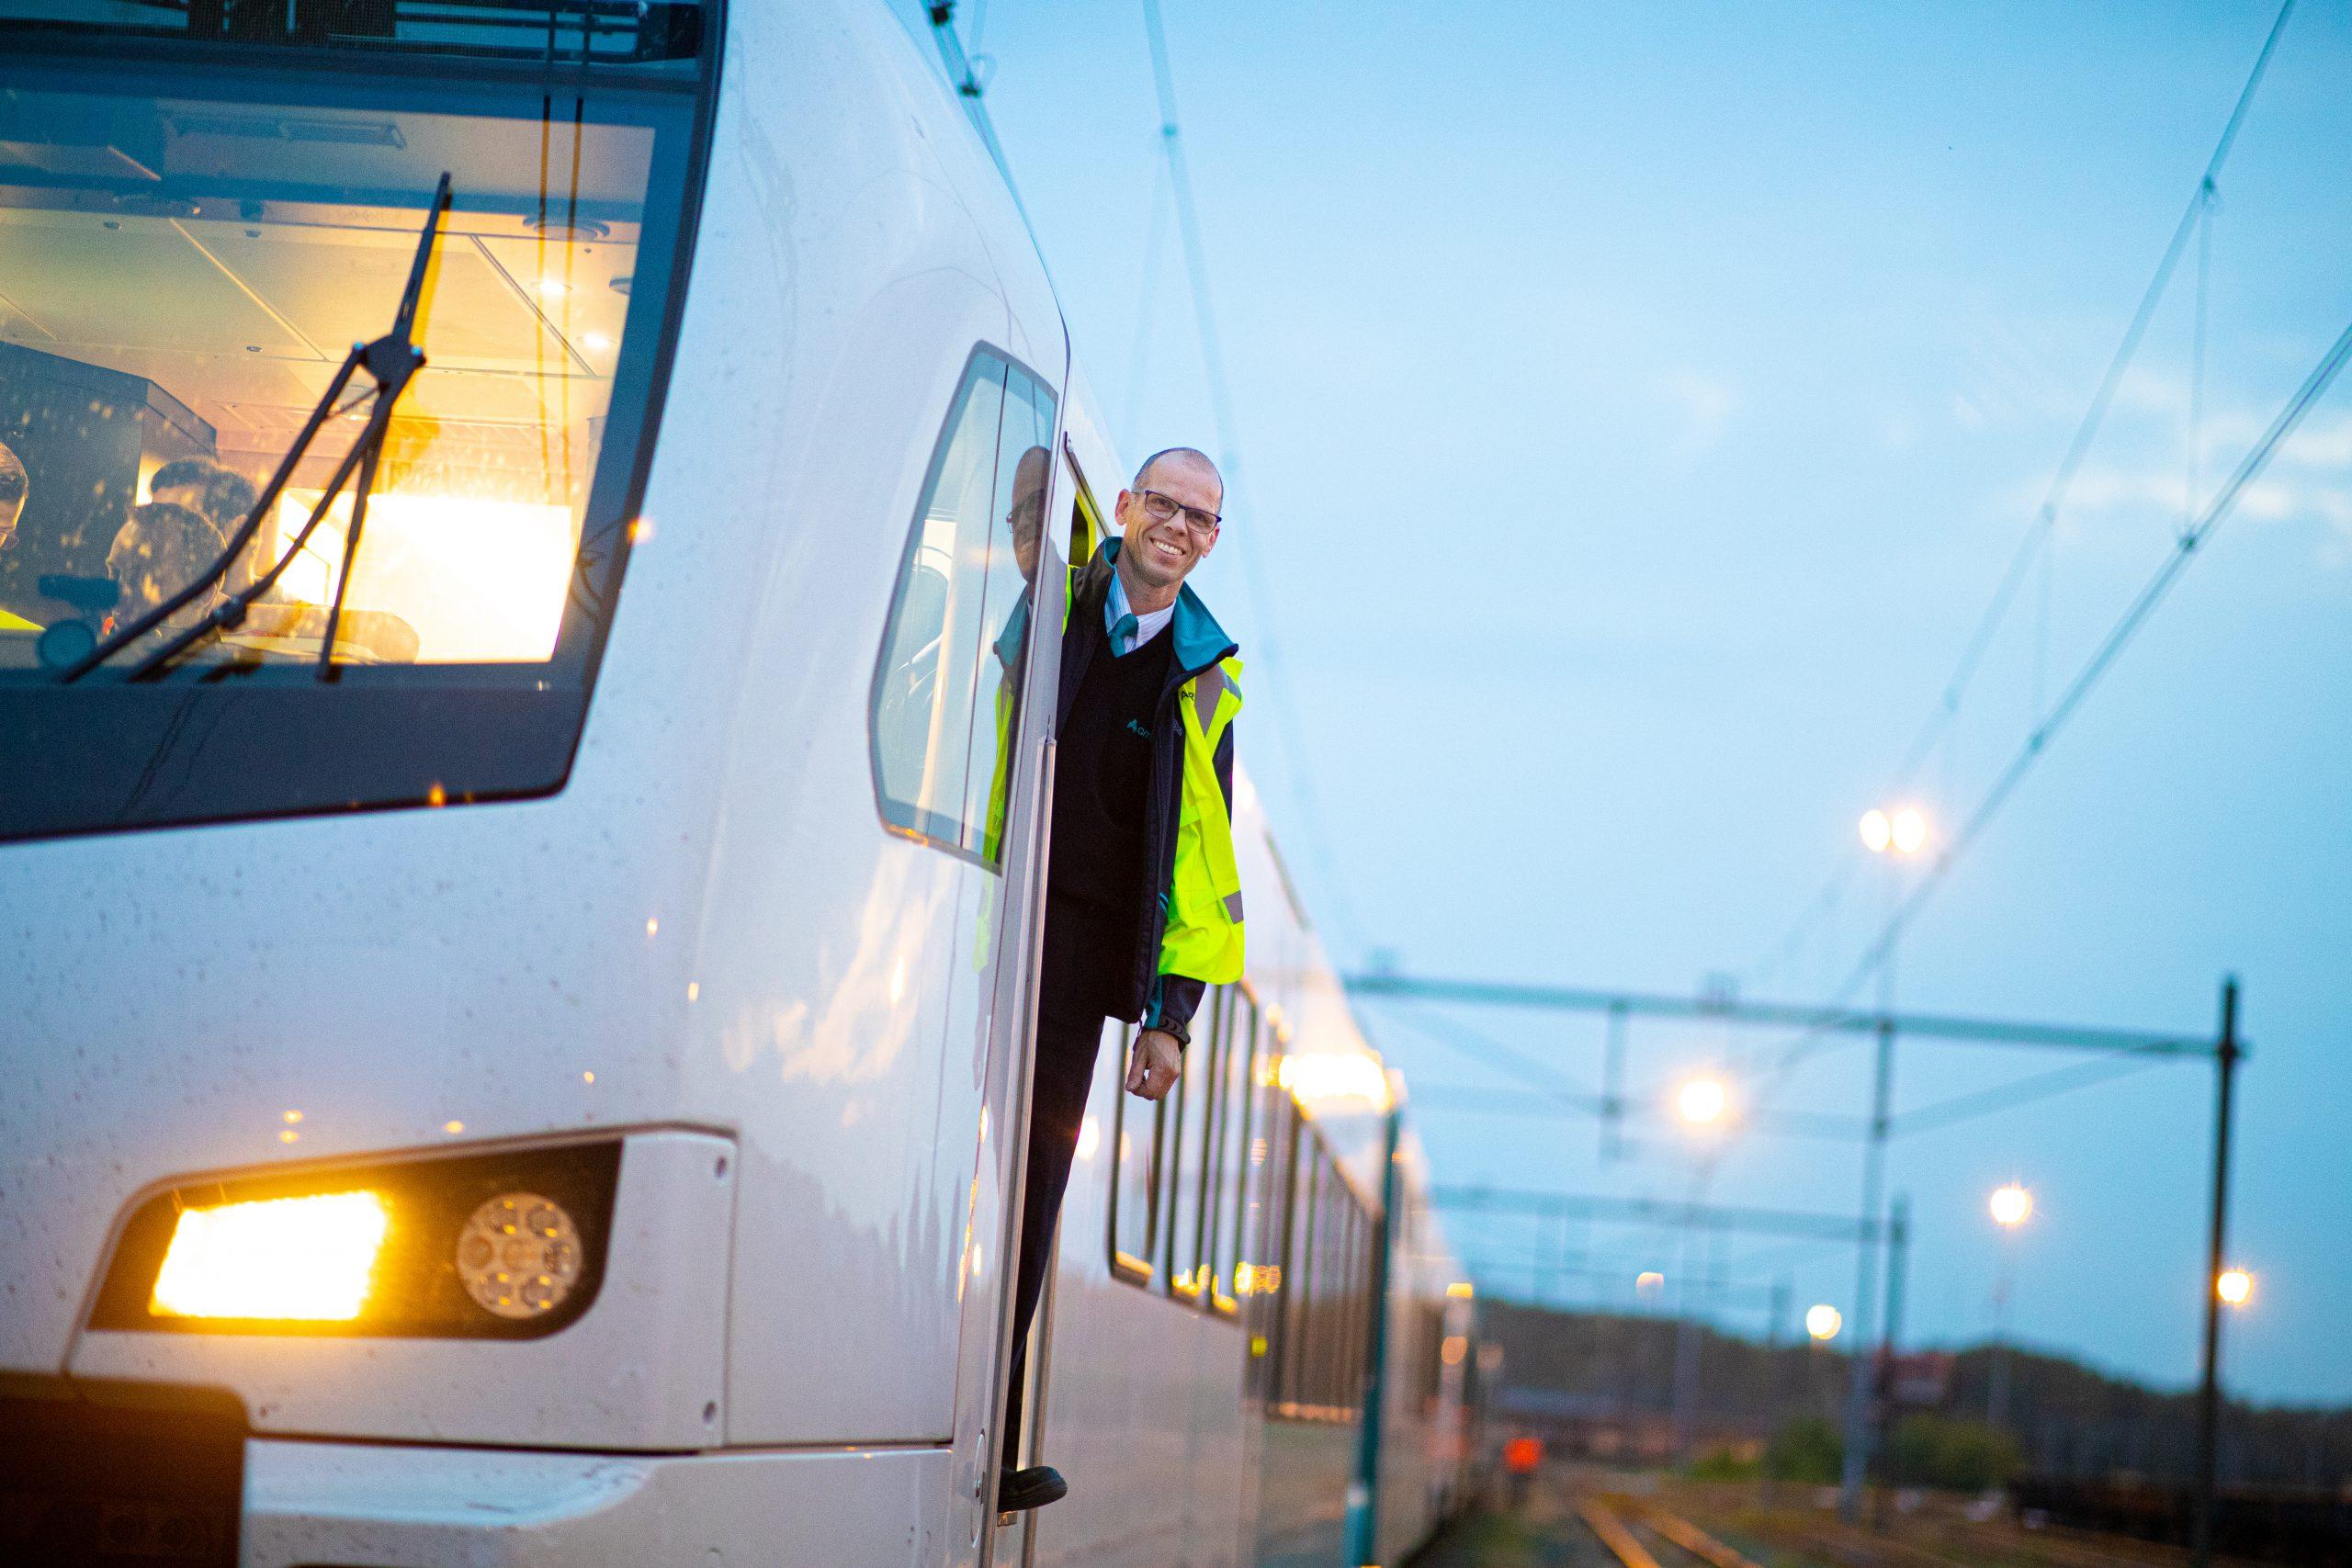 Arriva WINK testritten vanaf Amersfoort naar Zwolle